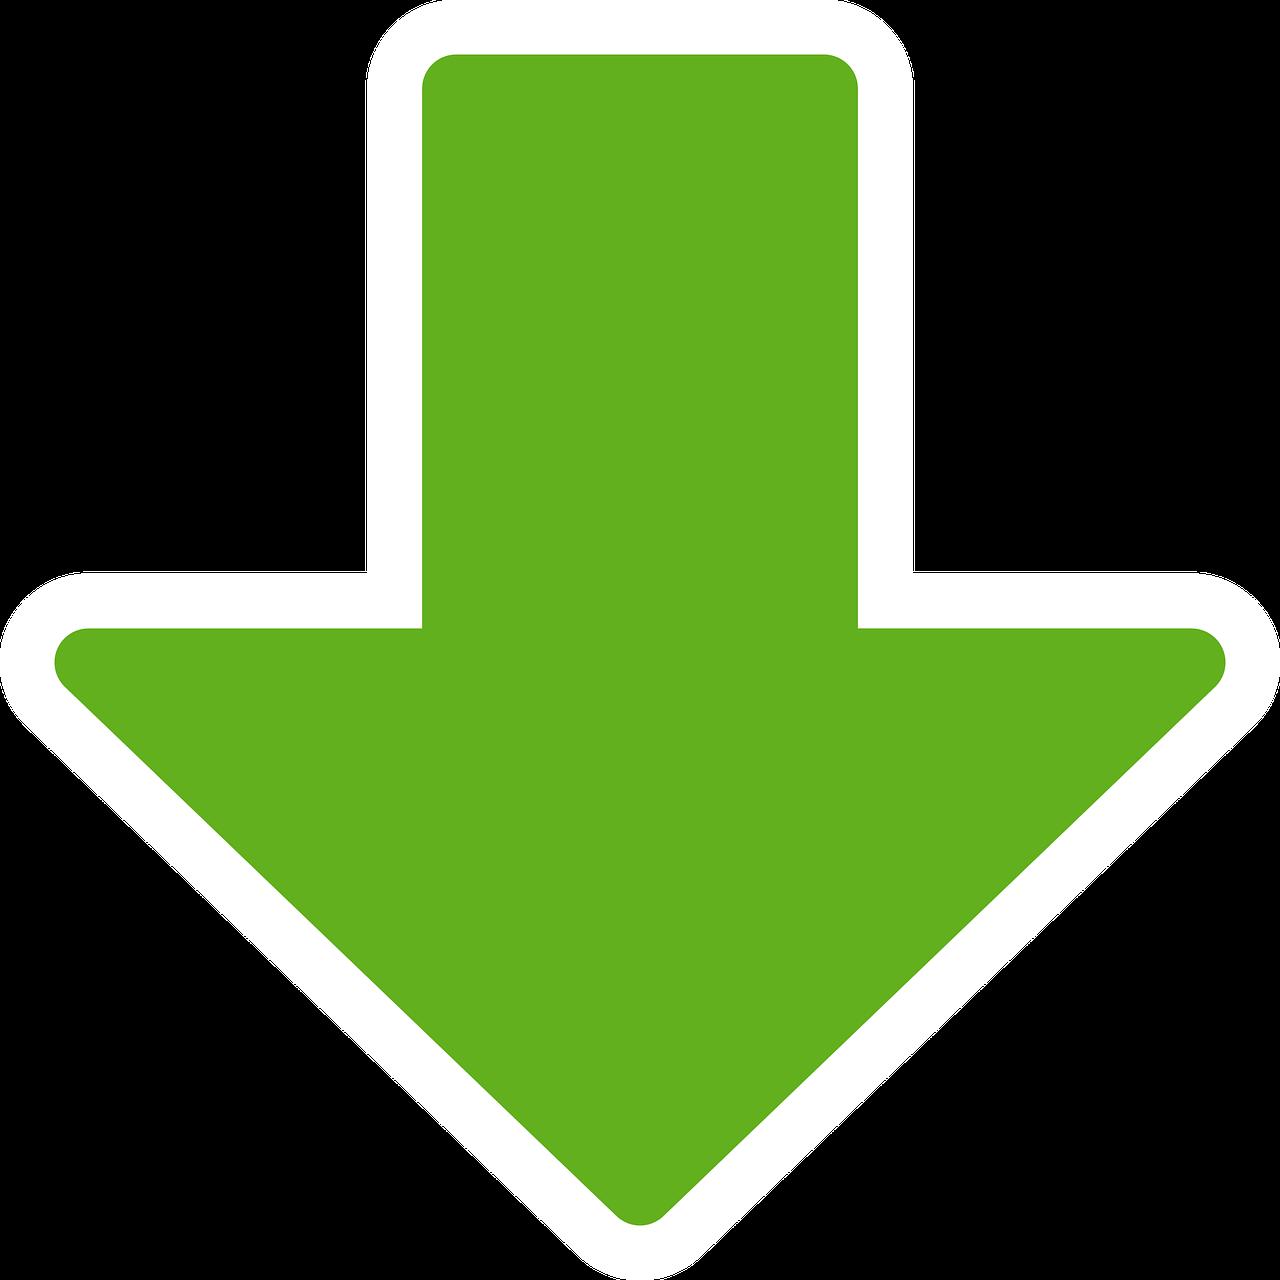 Стрелка вниз зеленая картинка